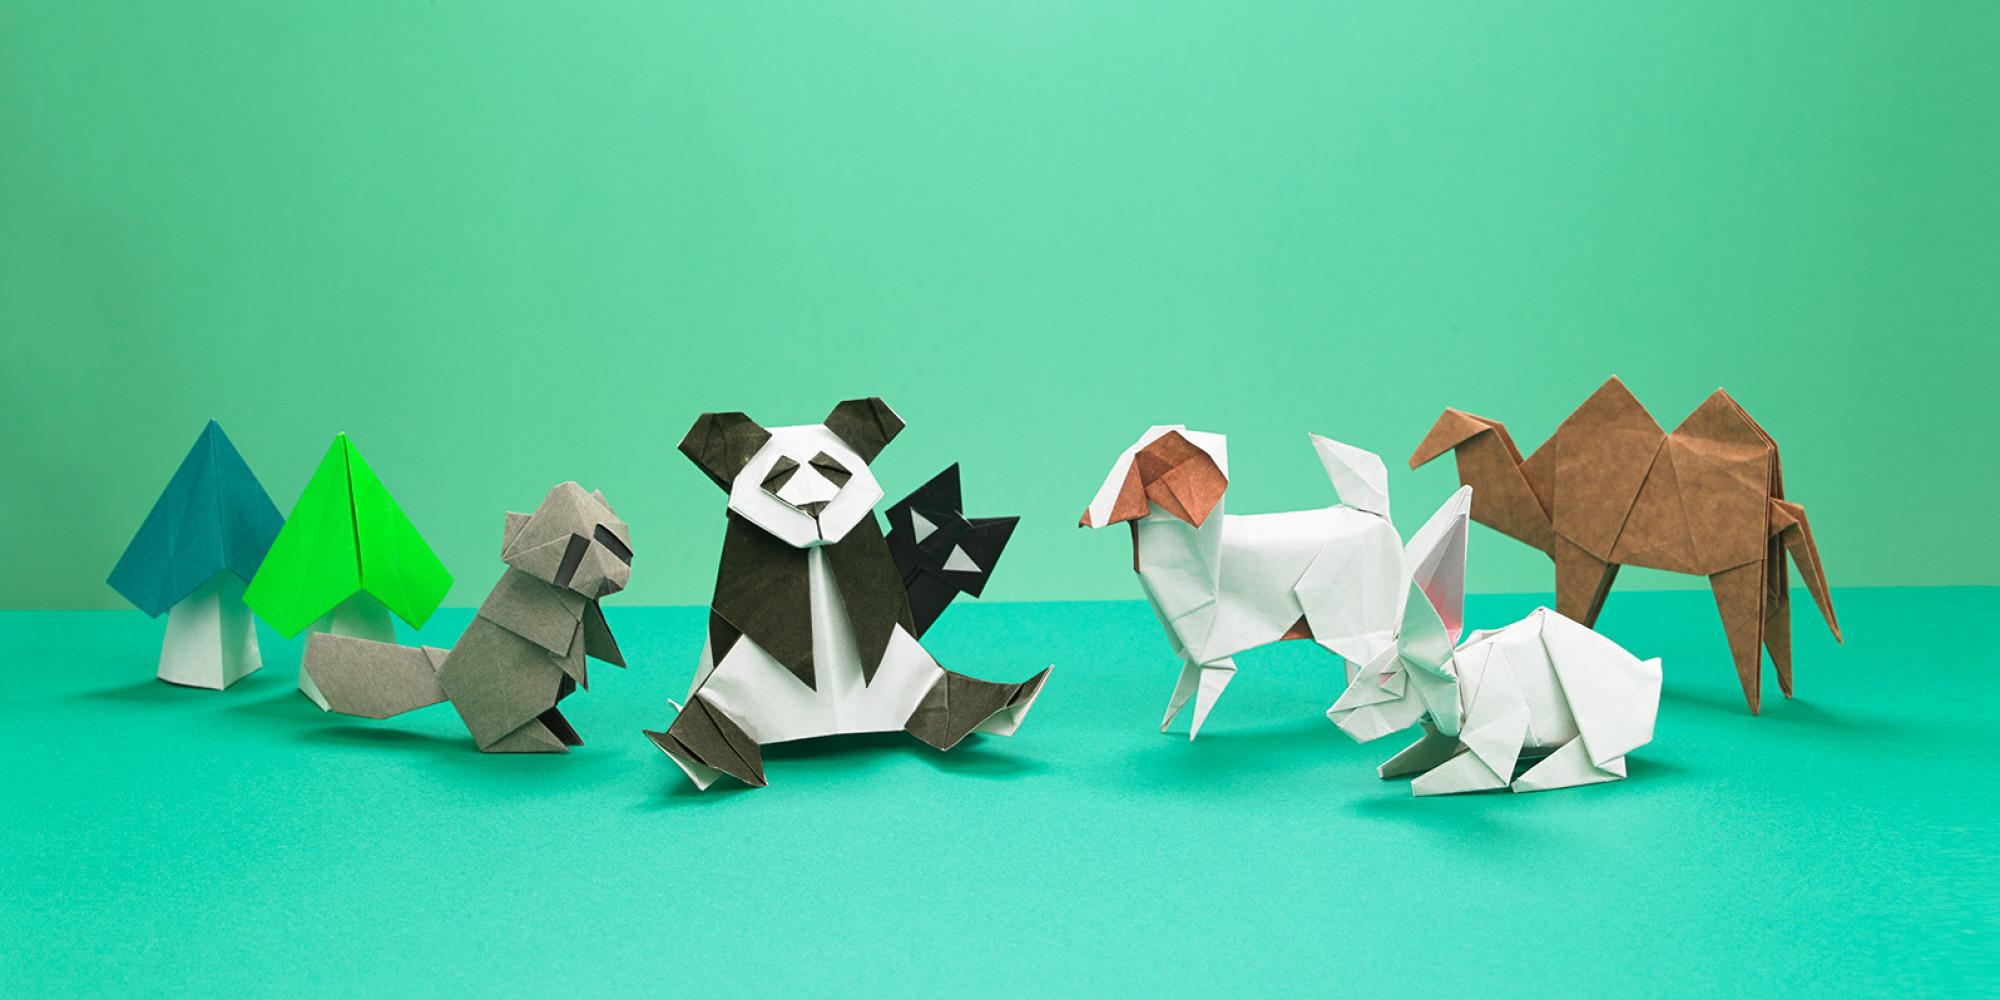 すべての折り紙 パンダ 折り紙 : 折り紙ワールドへようこそ ...